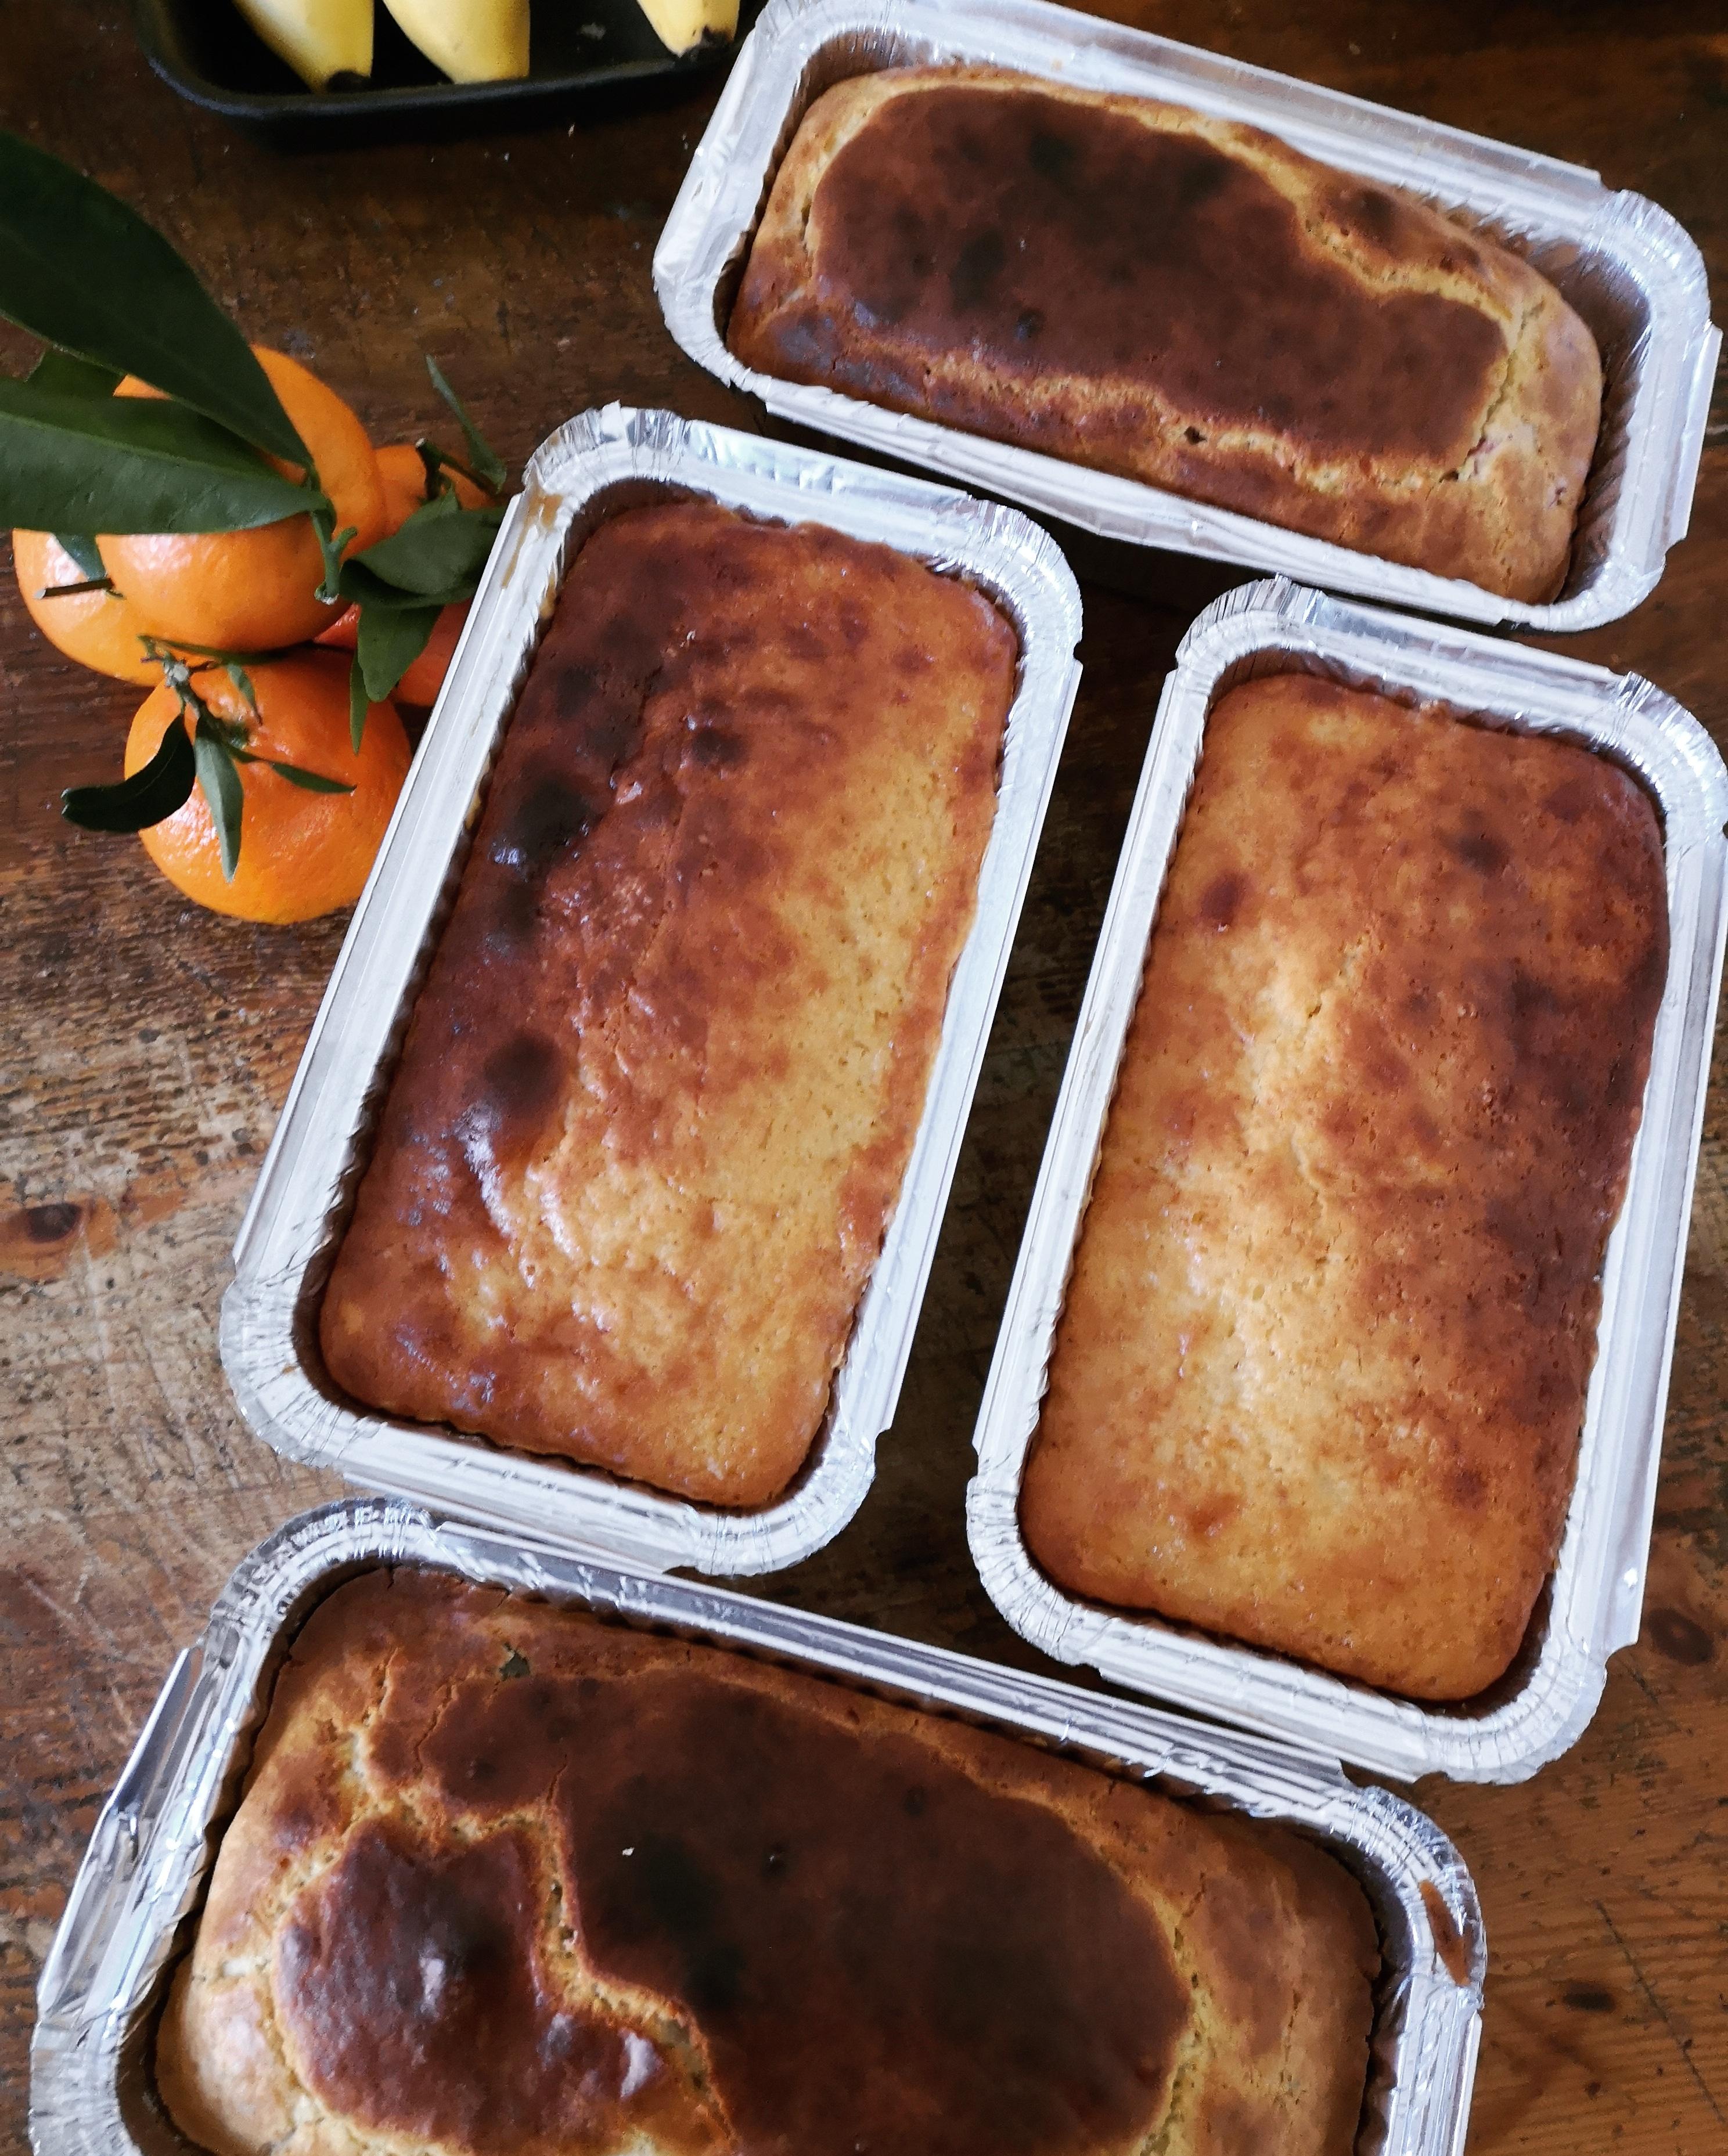 Ricetta In Inglese Traduzione.Ricetta Inglese Plum Cake Soffice Goloso Facilissimo Da Preparare